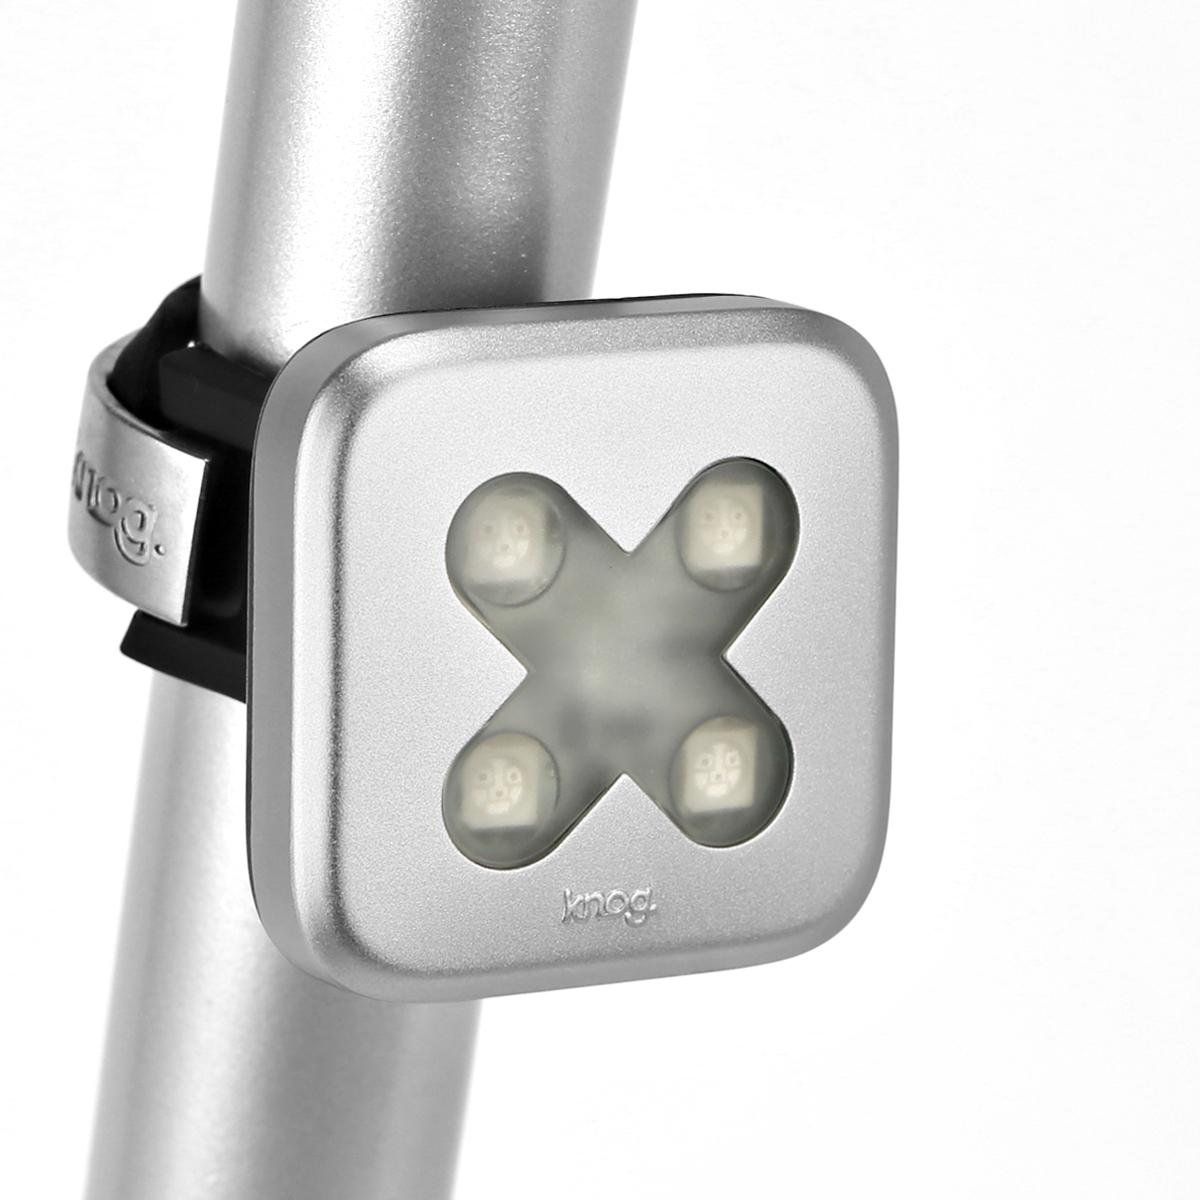 Éclairage arrière Knog Blinder croix 4 LED - Argent